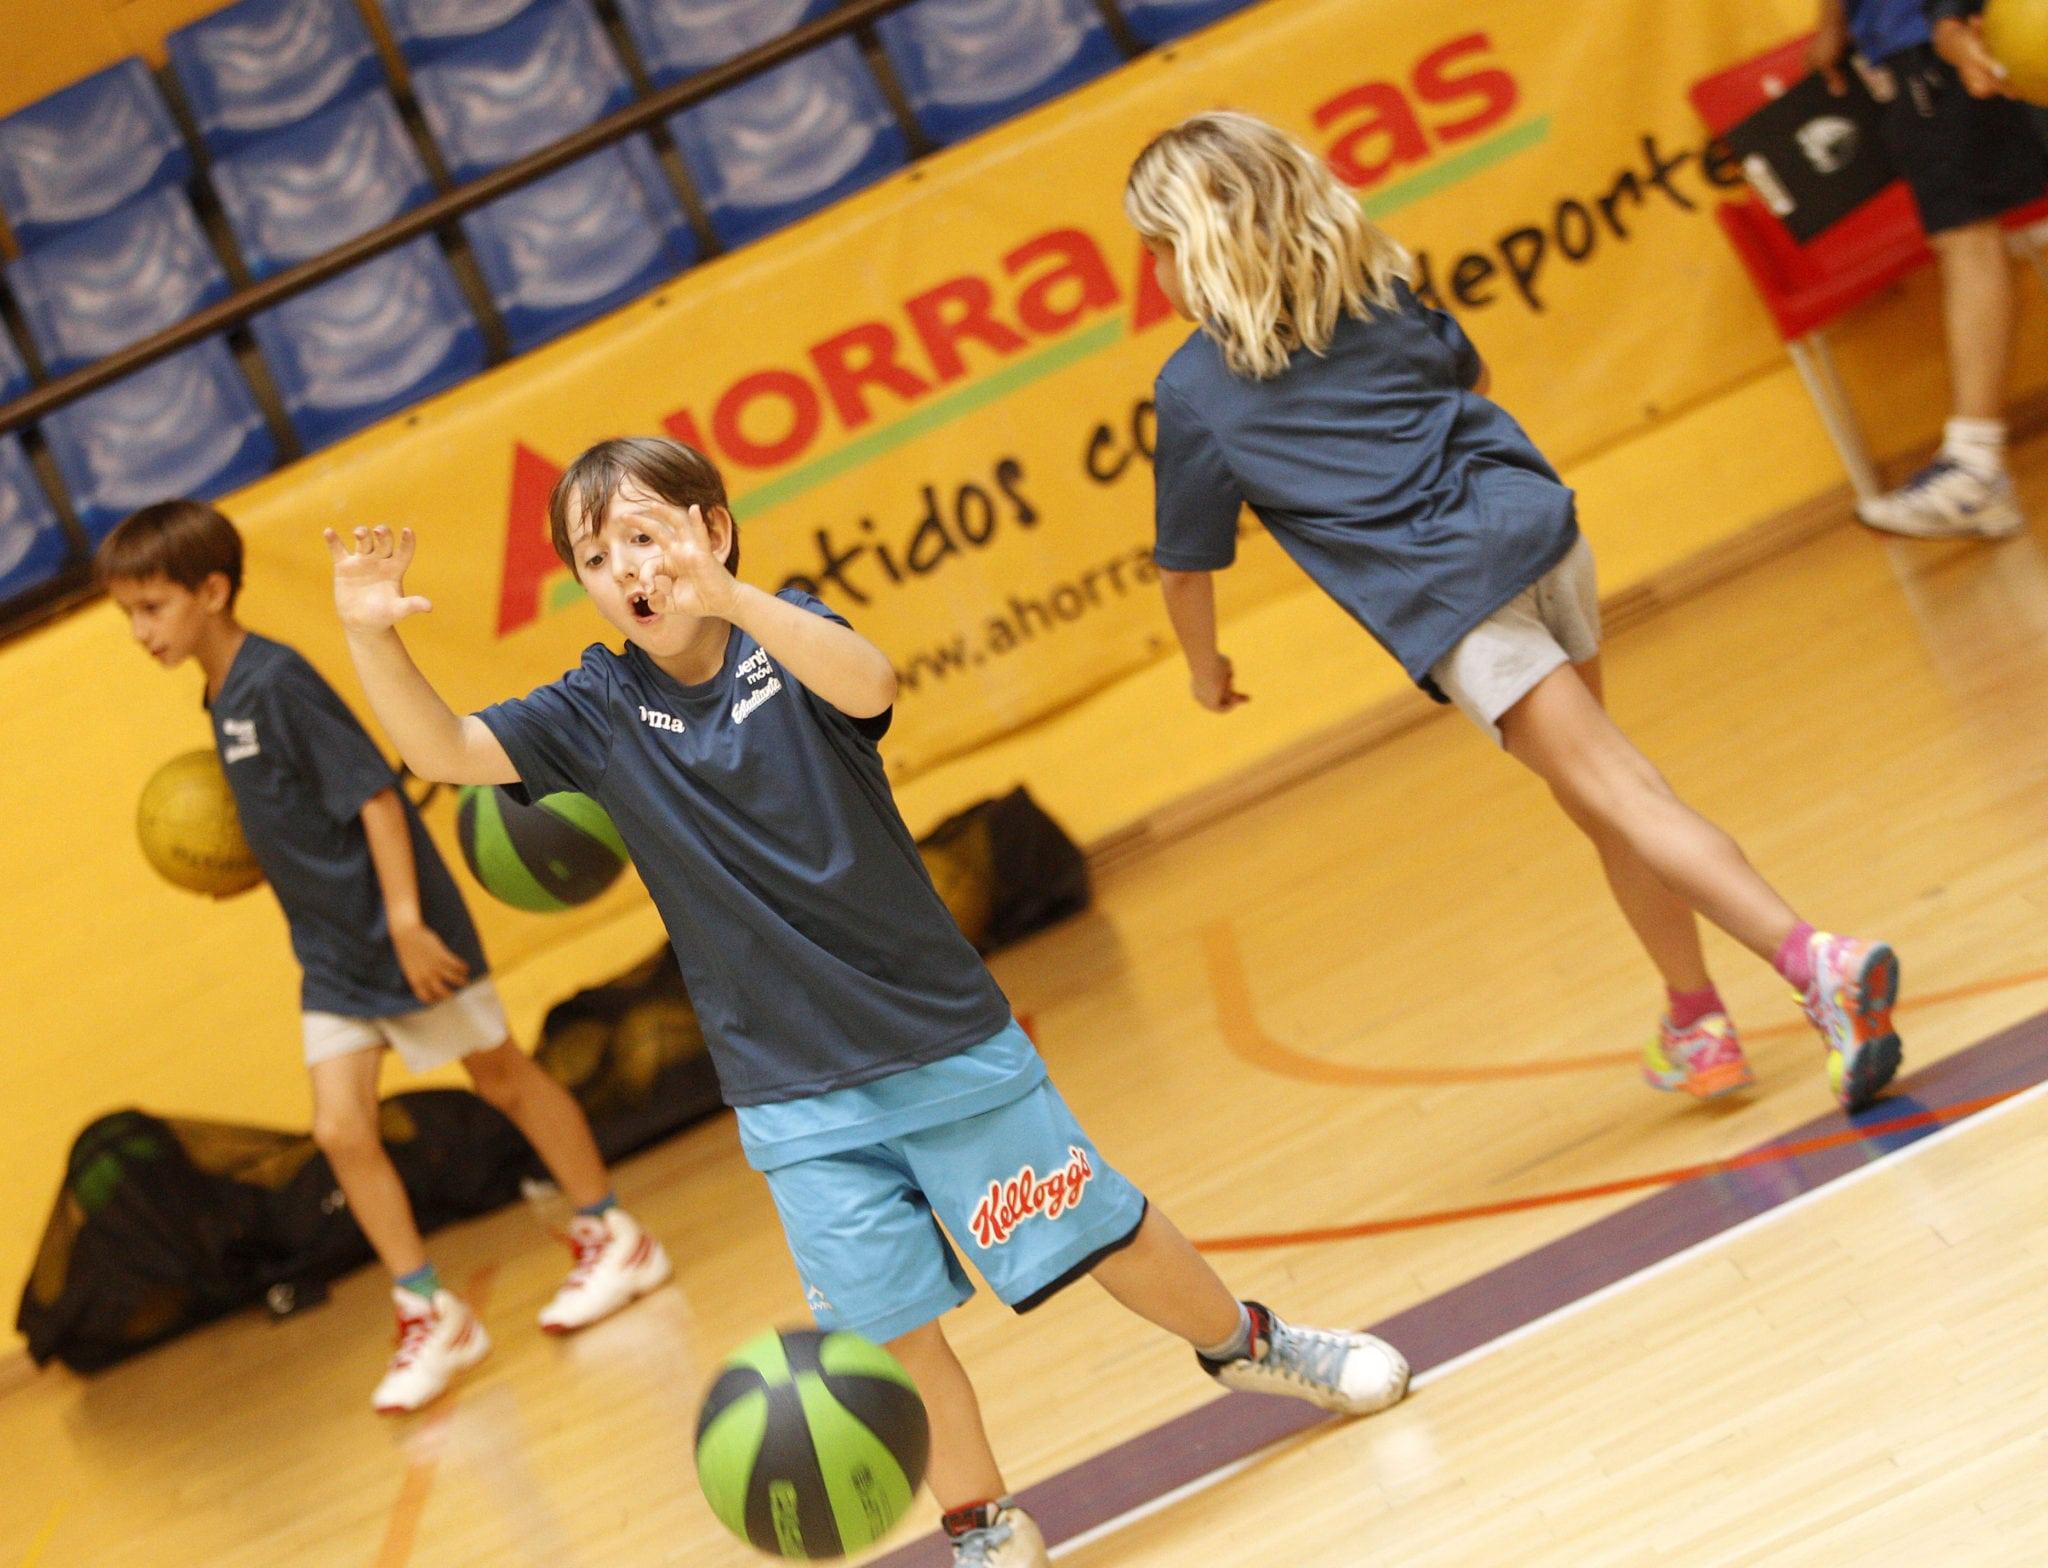 """IV Campus """"Comienza el baloncesto"""" , septiembre 2015. Madrid"""